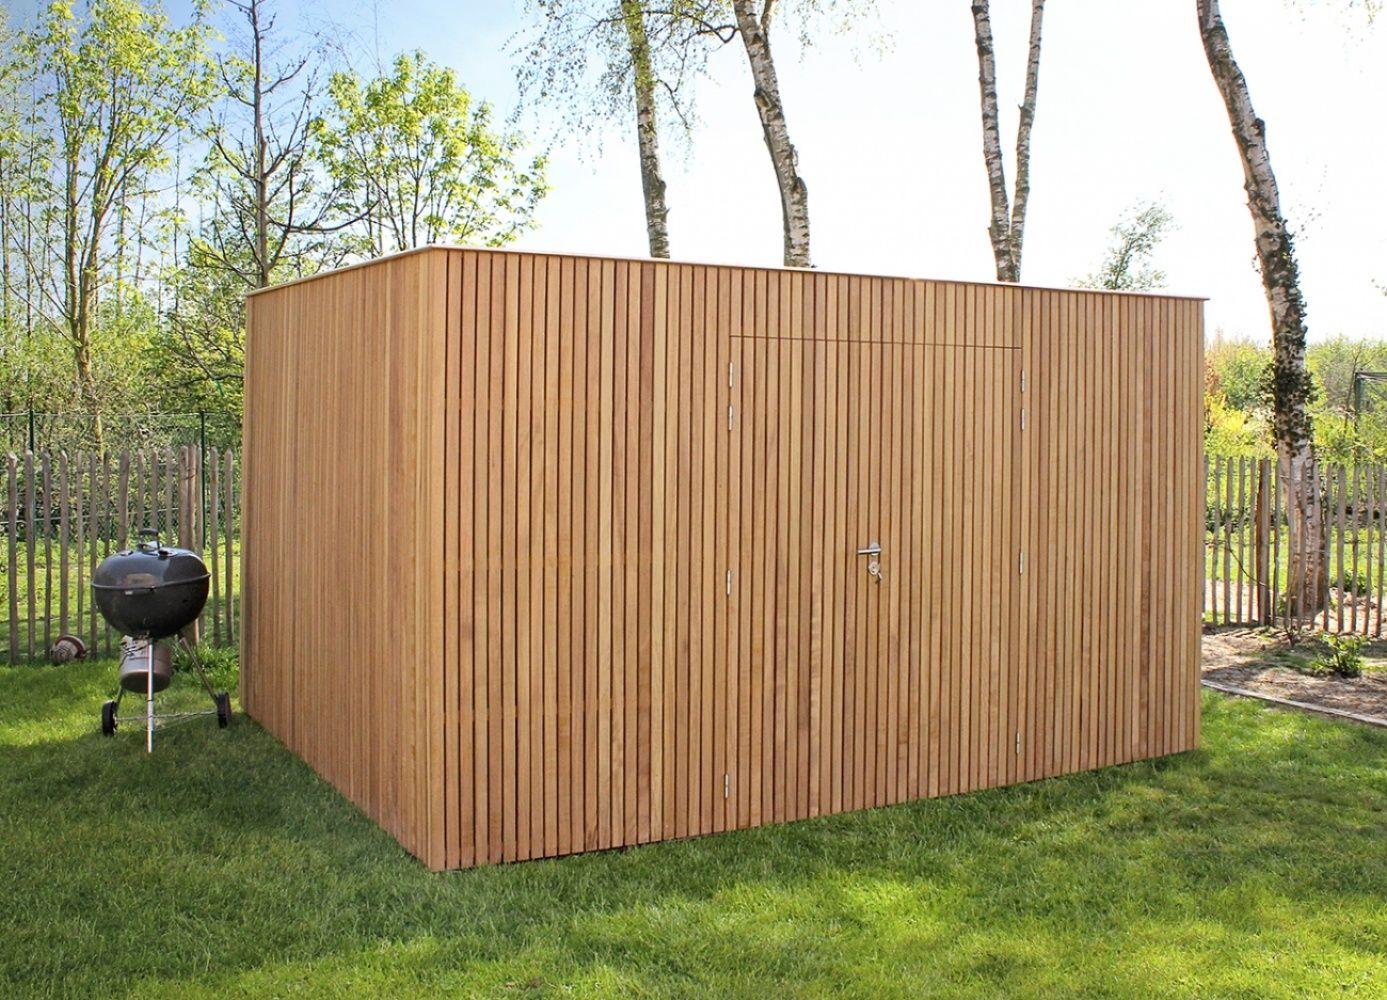 milano moderne tuinhuis producten op maat tuinhuizen poolhoouses carports woodstar